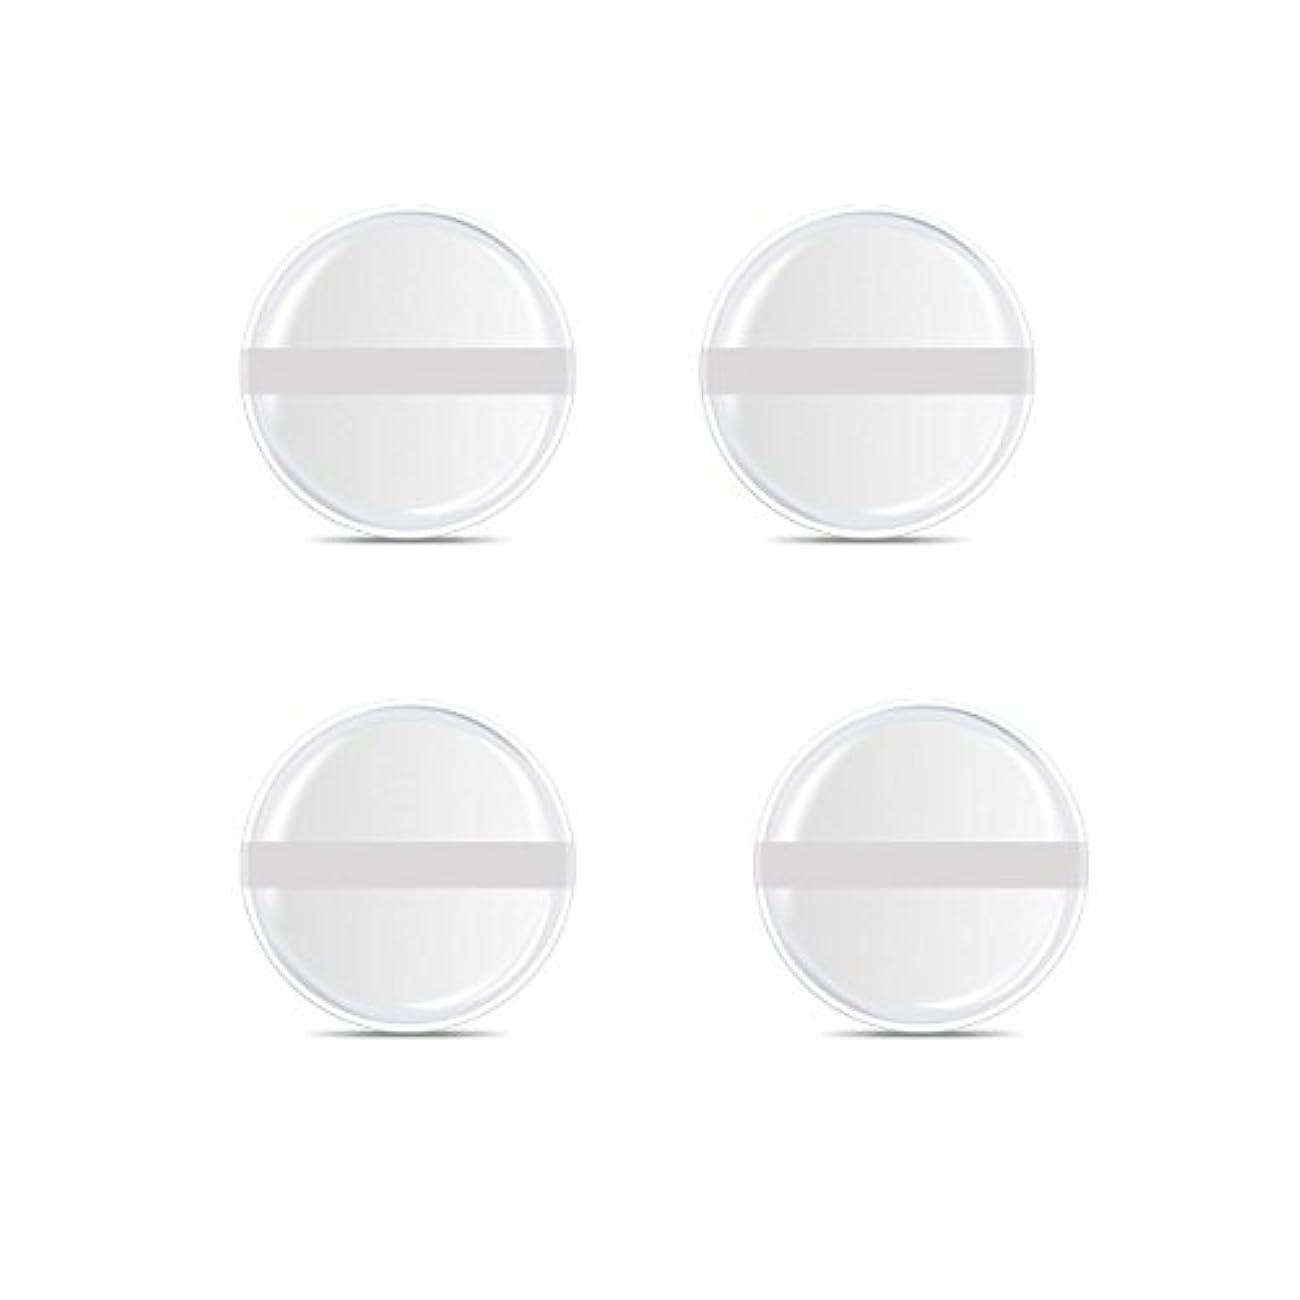 つま先現実的マトロンシリコンパフ 帯付き メイクスポンジ ゲルパフ ゼリーパフ 清潔しやすい衛生 柔らかく 透明な 4枚入 (円形 4入り)